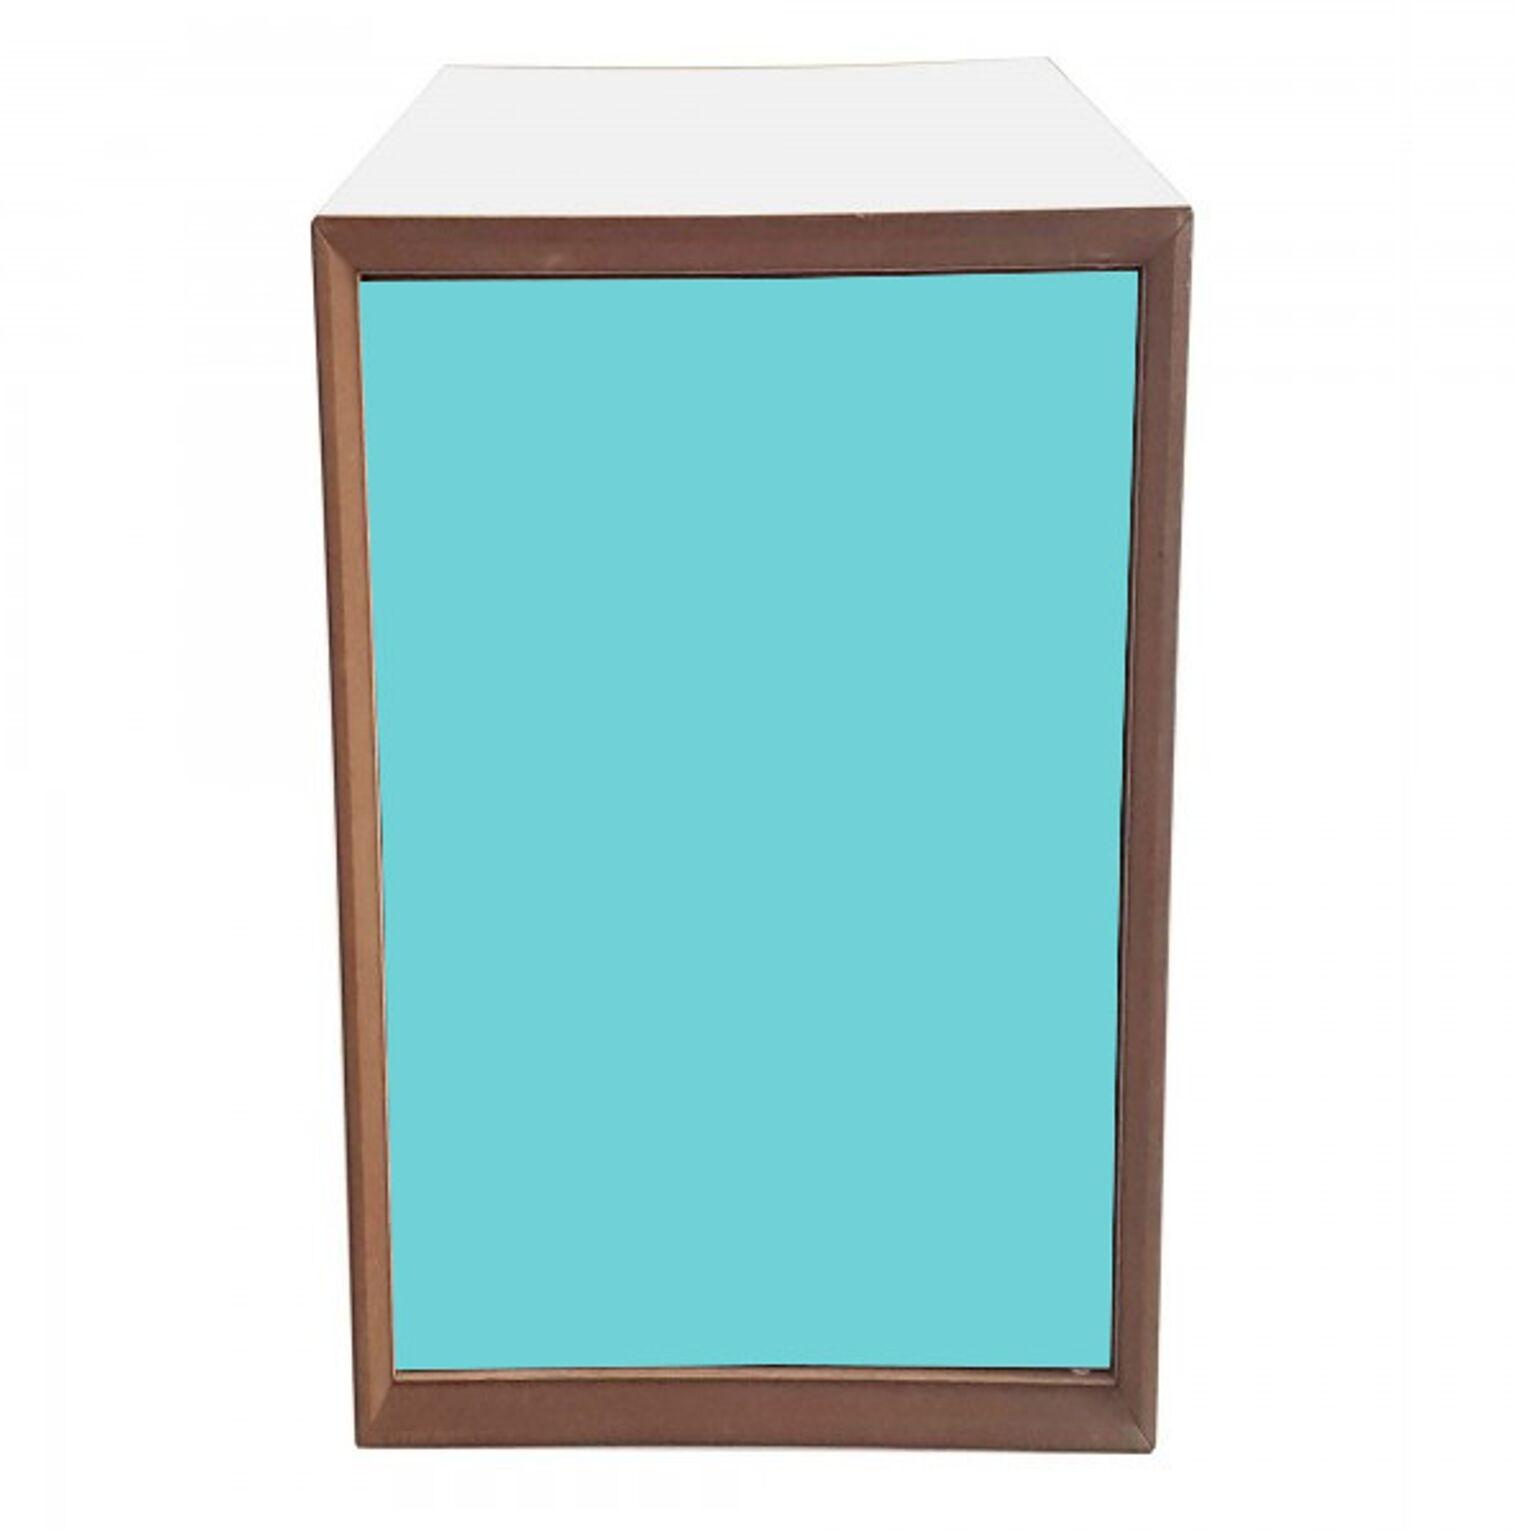 Dulap modular Pixel Dark Turquoise / White l40xA40xH80 cm